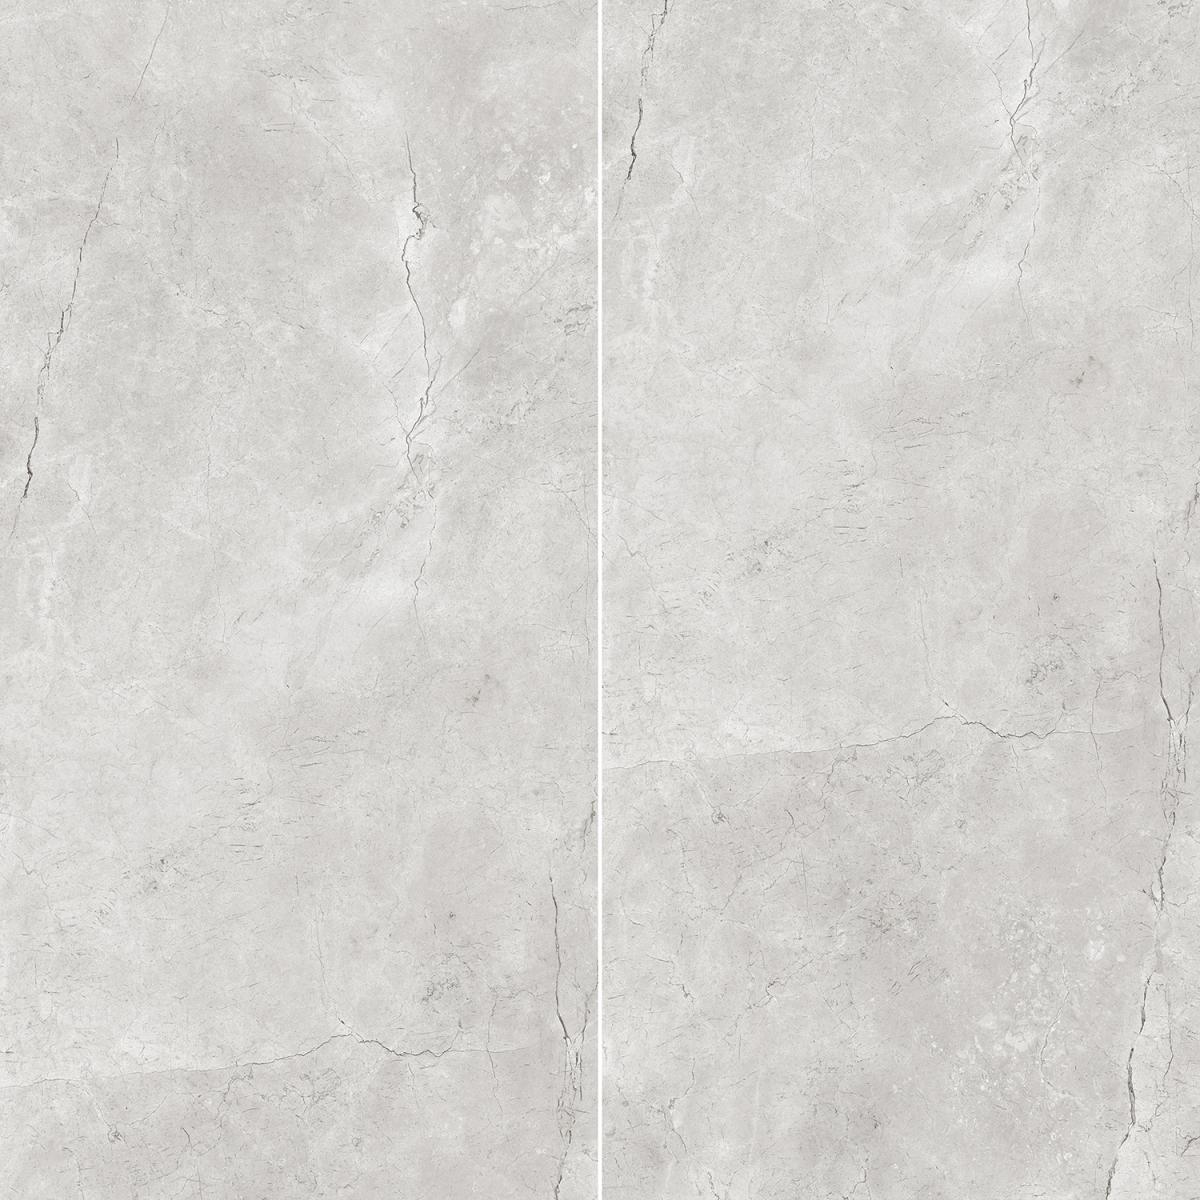 Offwhite, soft gebürstet, 1500x750x11 mm